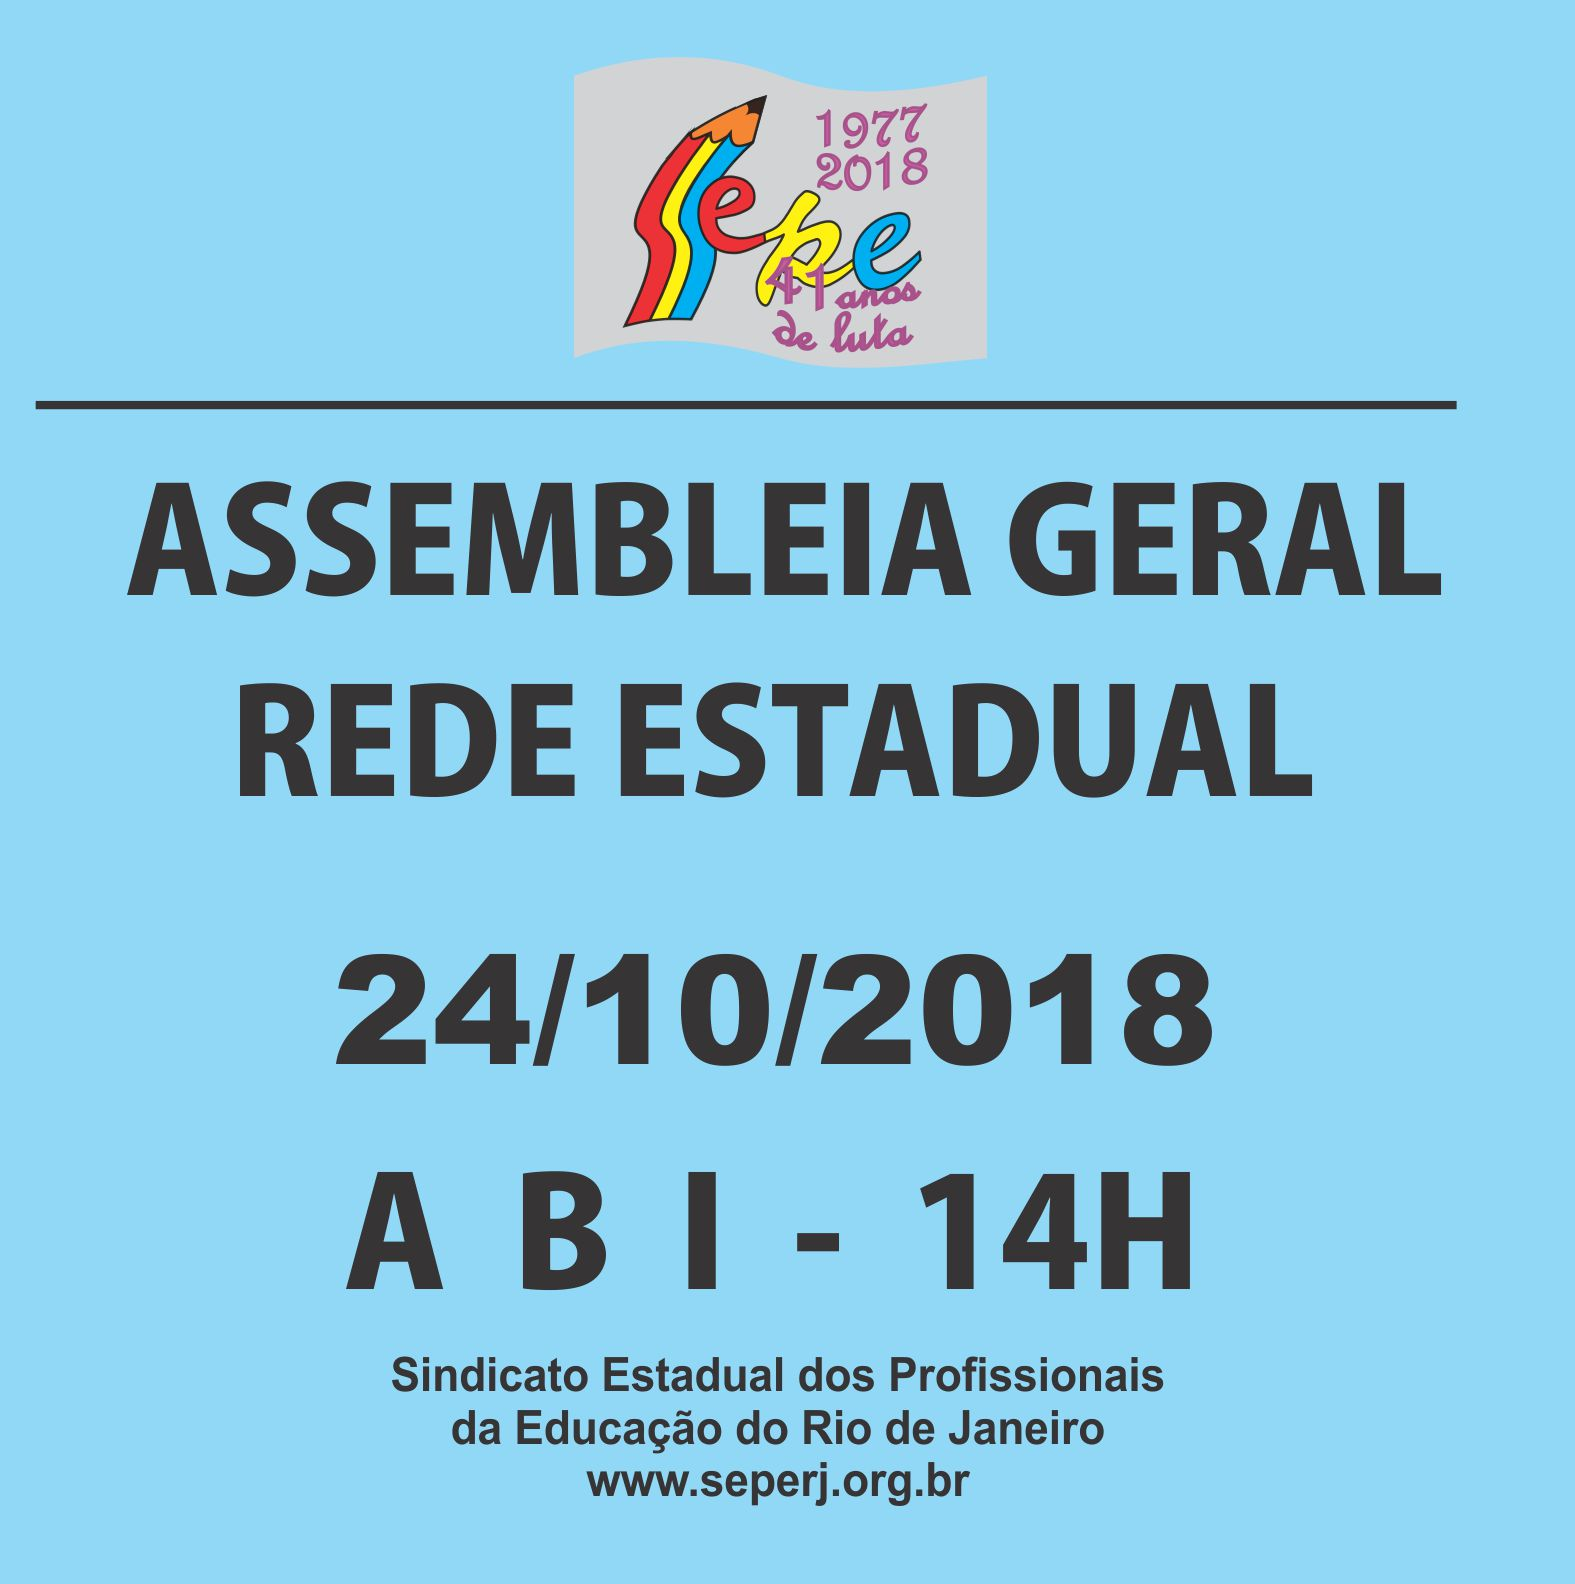 ASSEMBLEIA GERAL DA REDE ESTADUAL